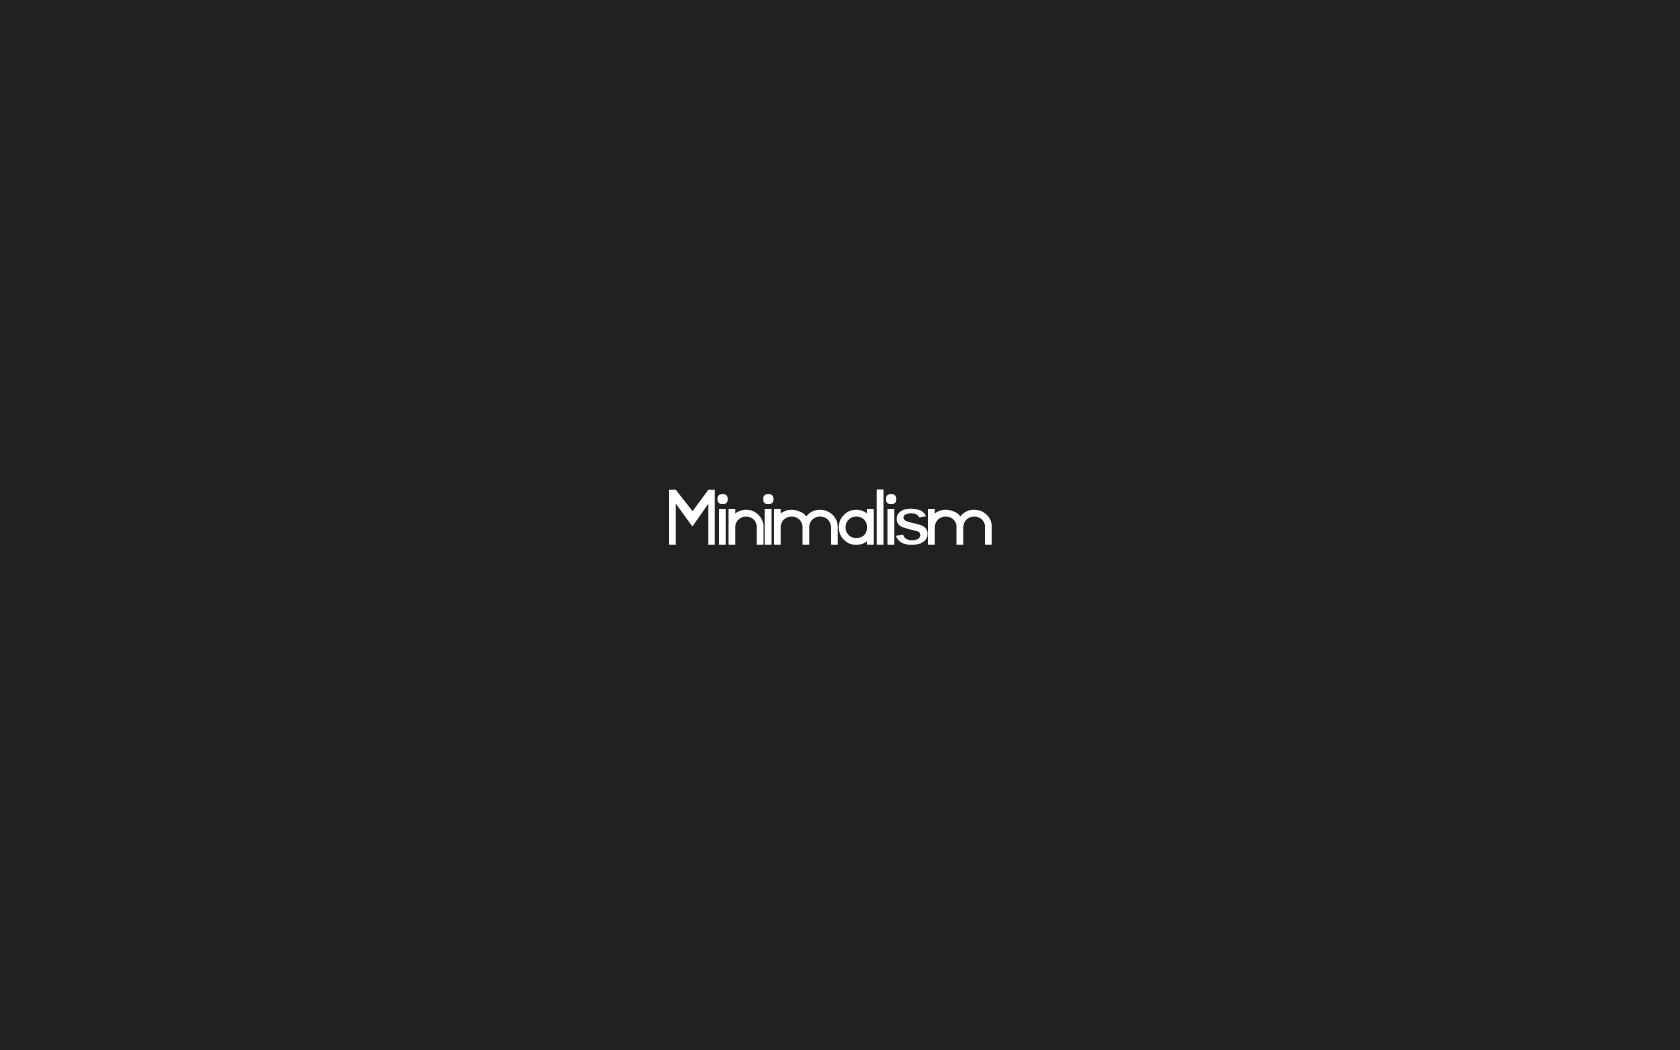 Minimalism Less Is More Minimalist Wallpaper Minimalism